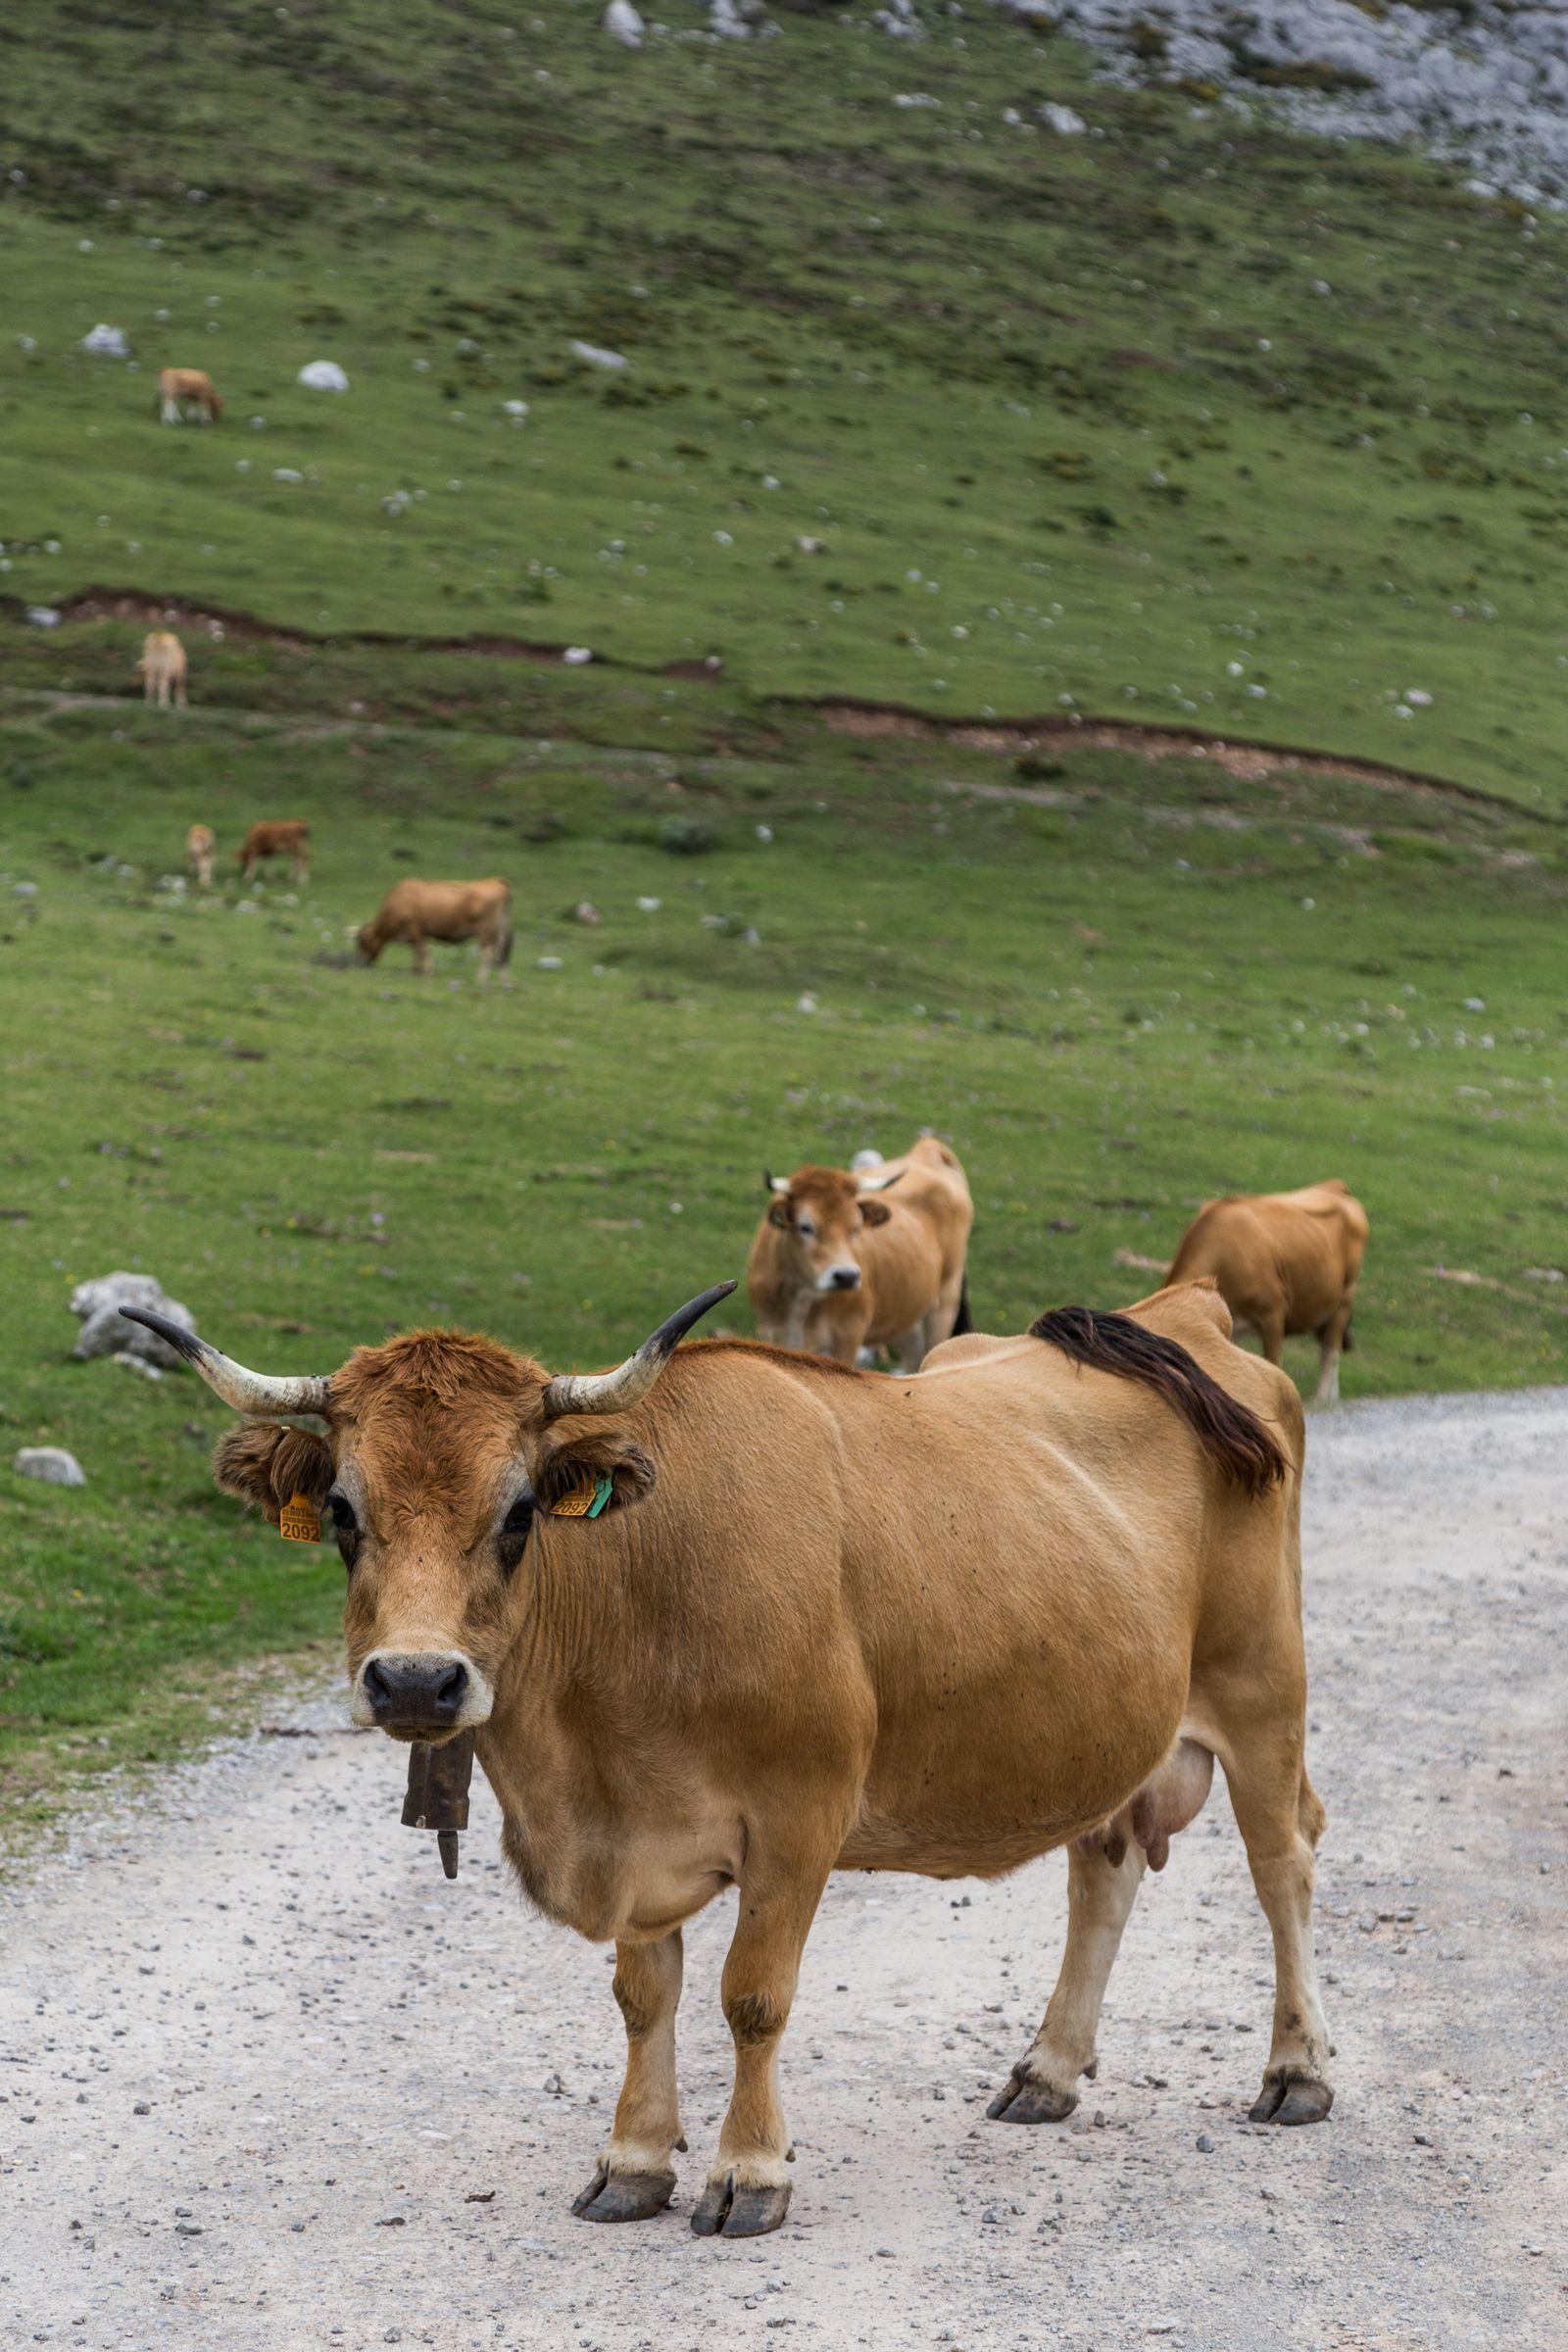 Con esta creo que van 91.523 vacas, ya